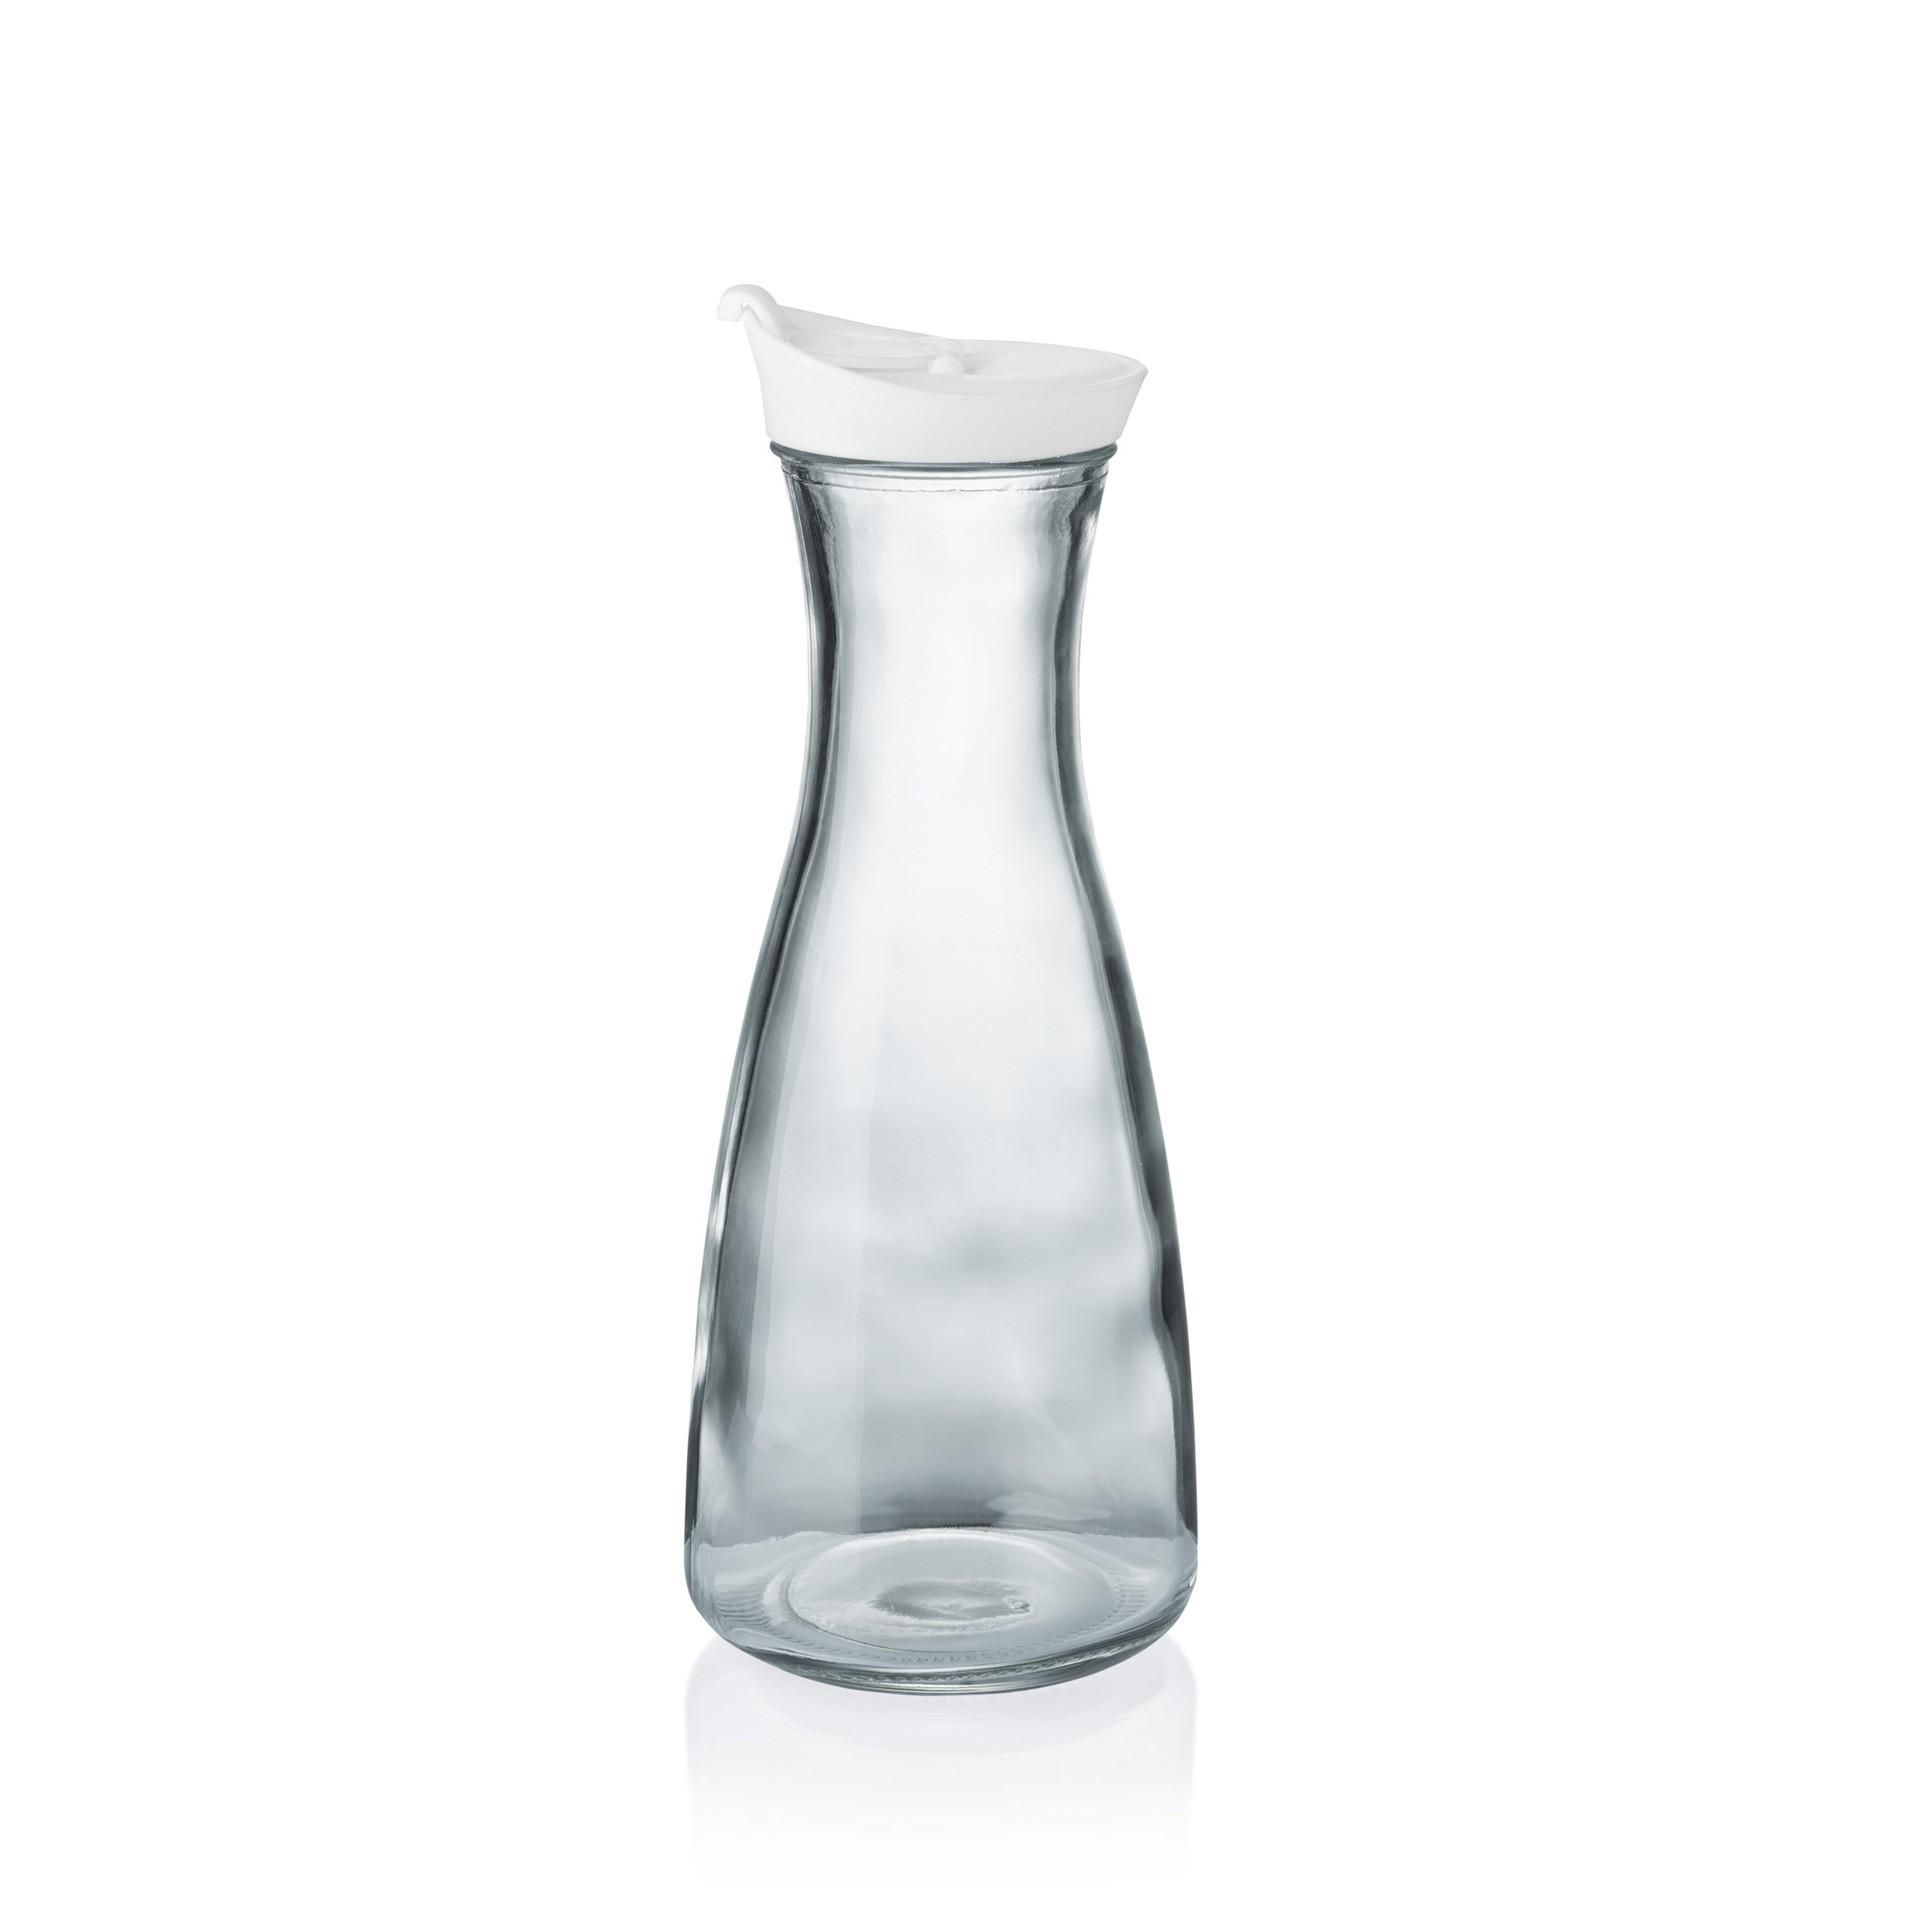 karaffe glas mit deckel billiger kaufen gastropreis24. Black Bedroom Furniture Sets. Home Design Ideas